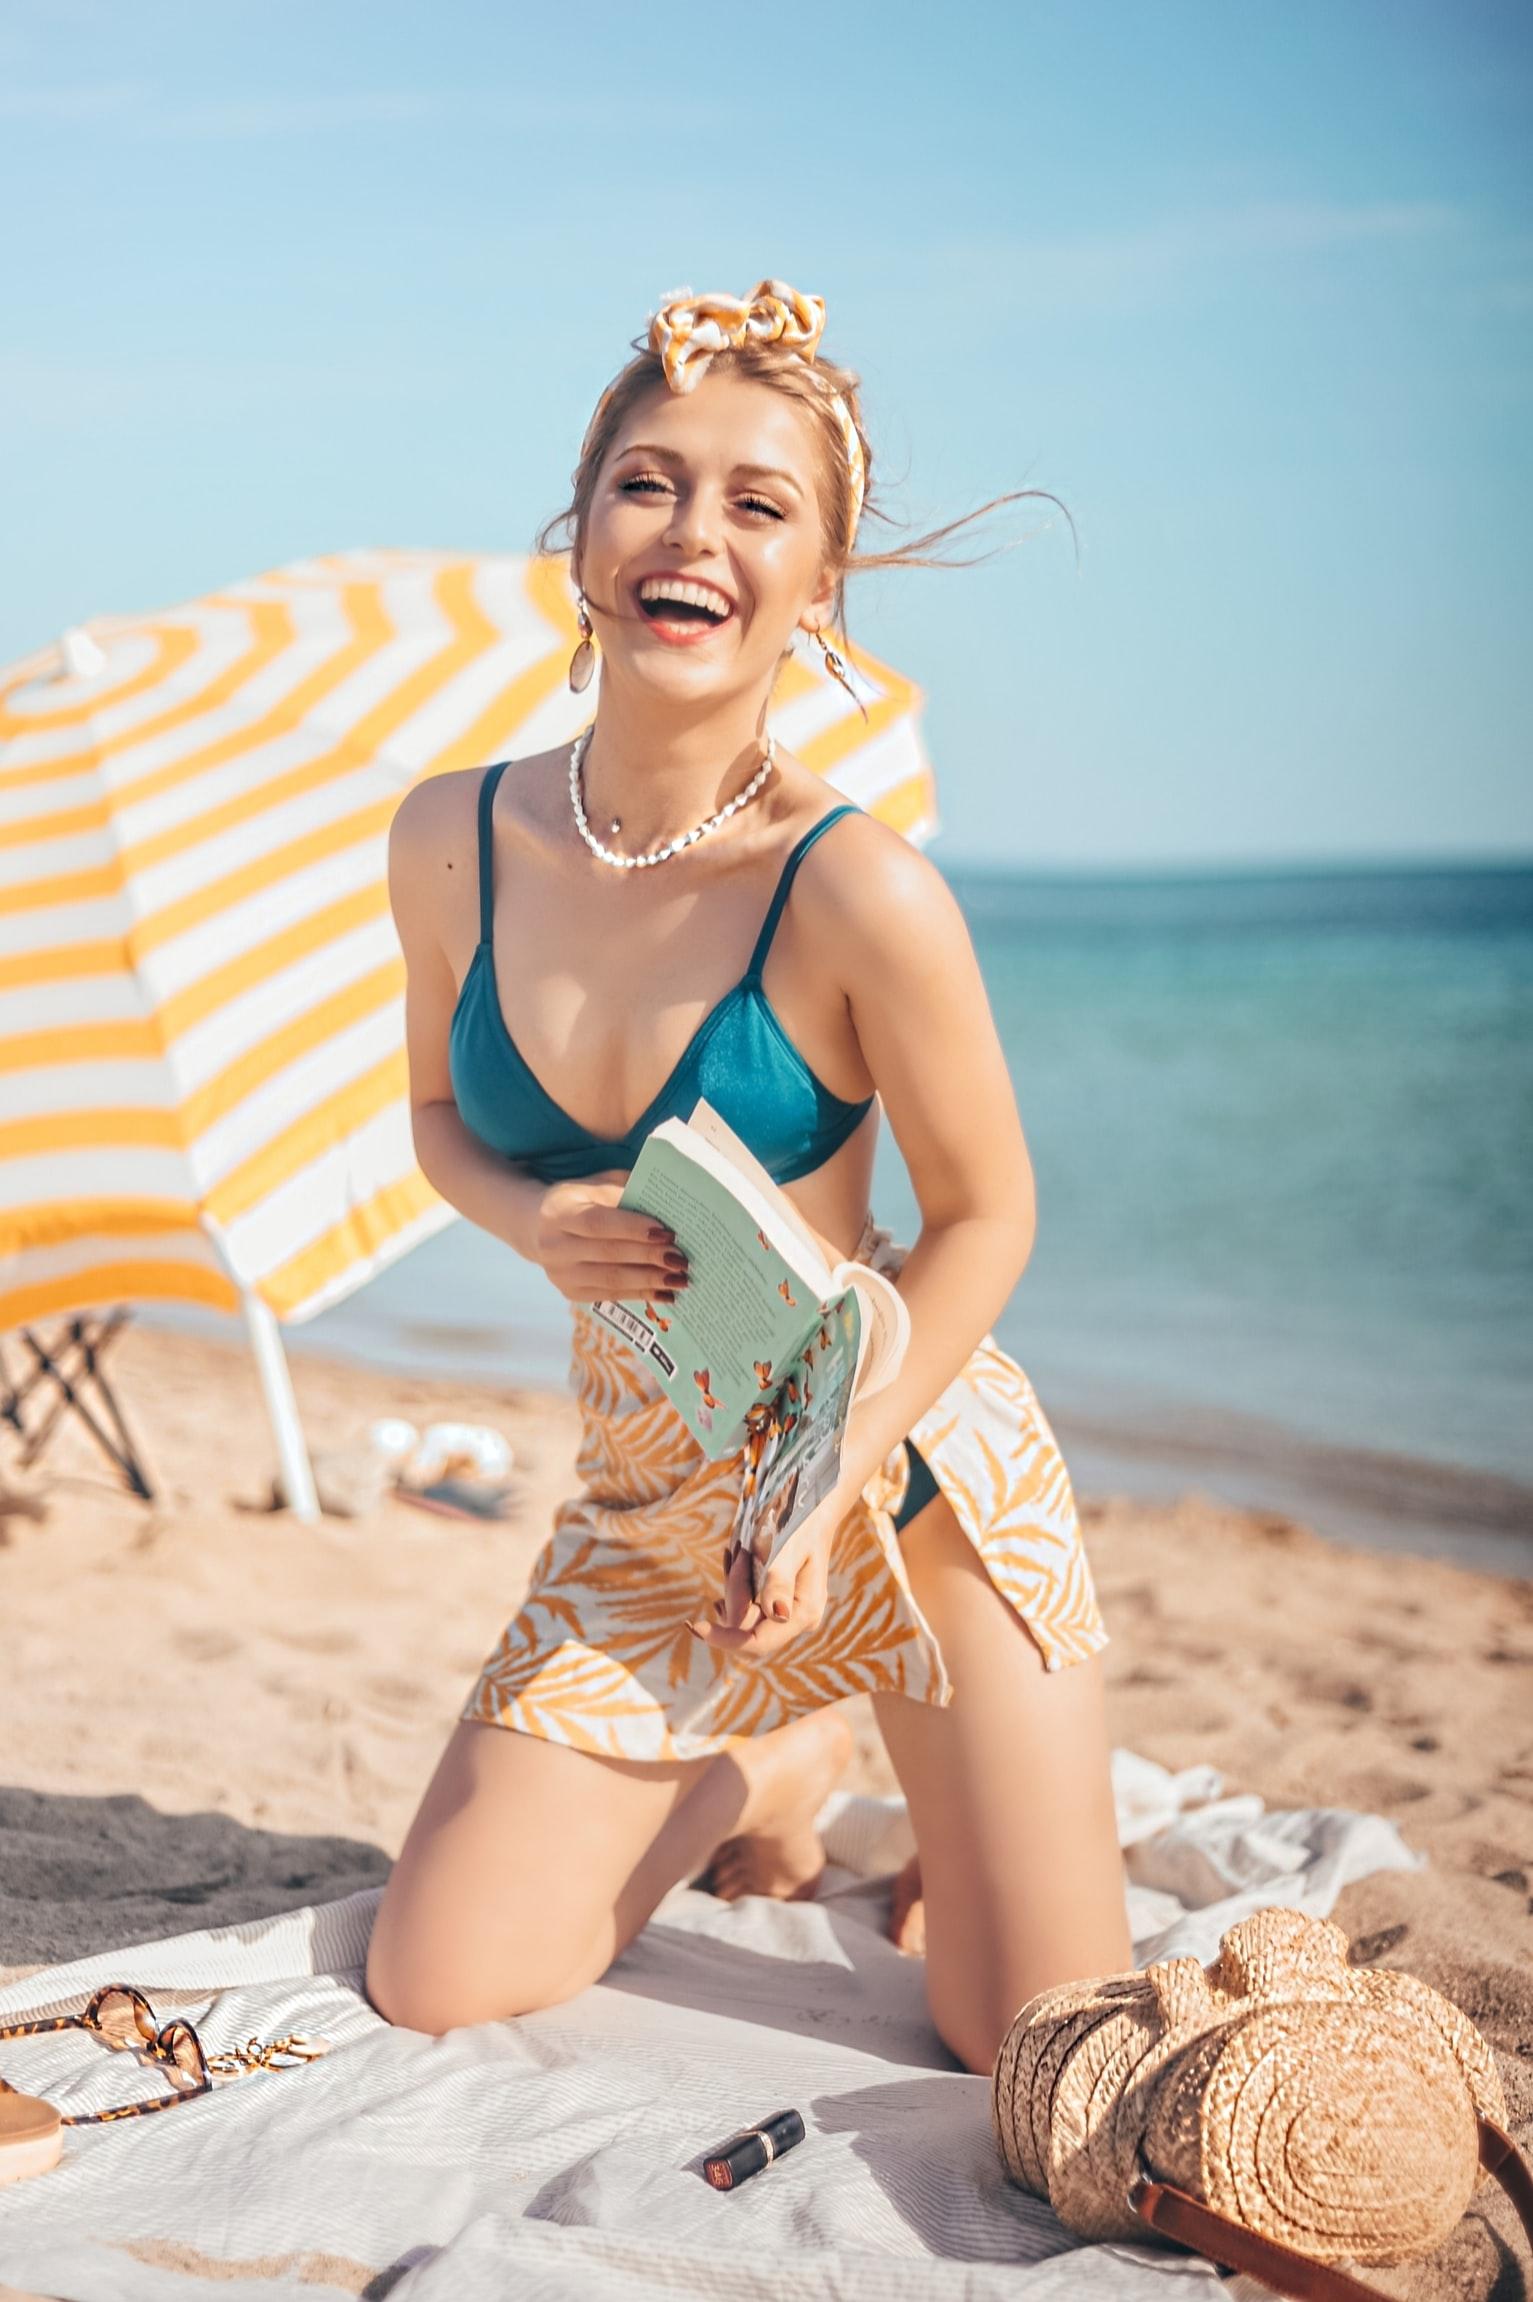 Уход за кожей и макияж в отпуске: практические советы-Фото 5